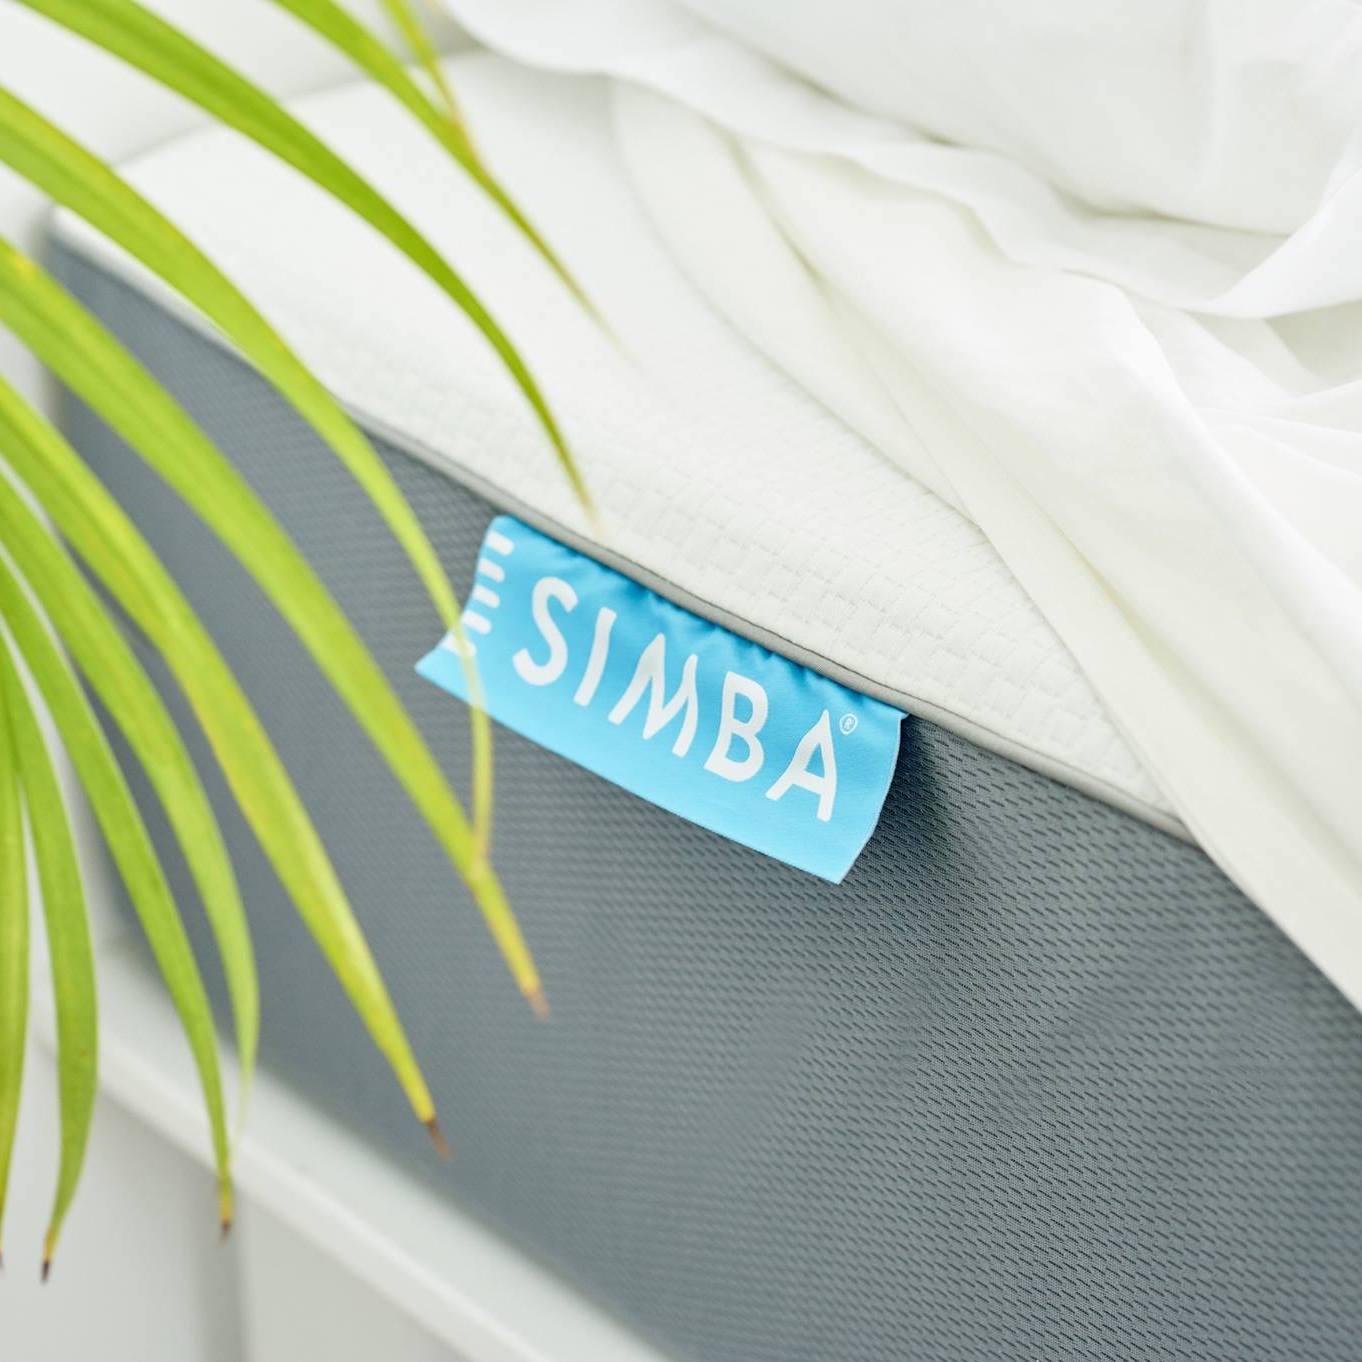 Close up of Simba mattress label